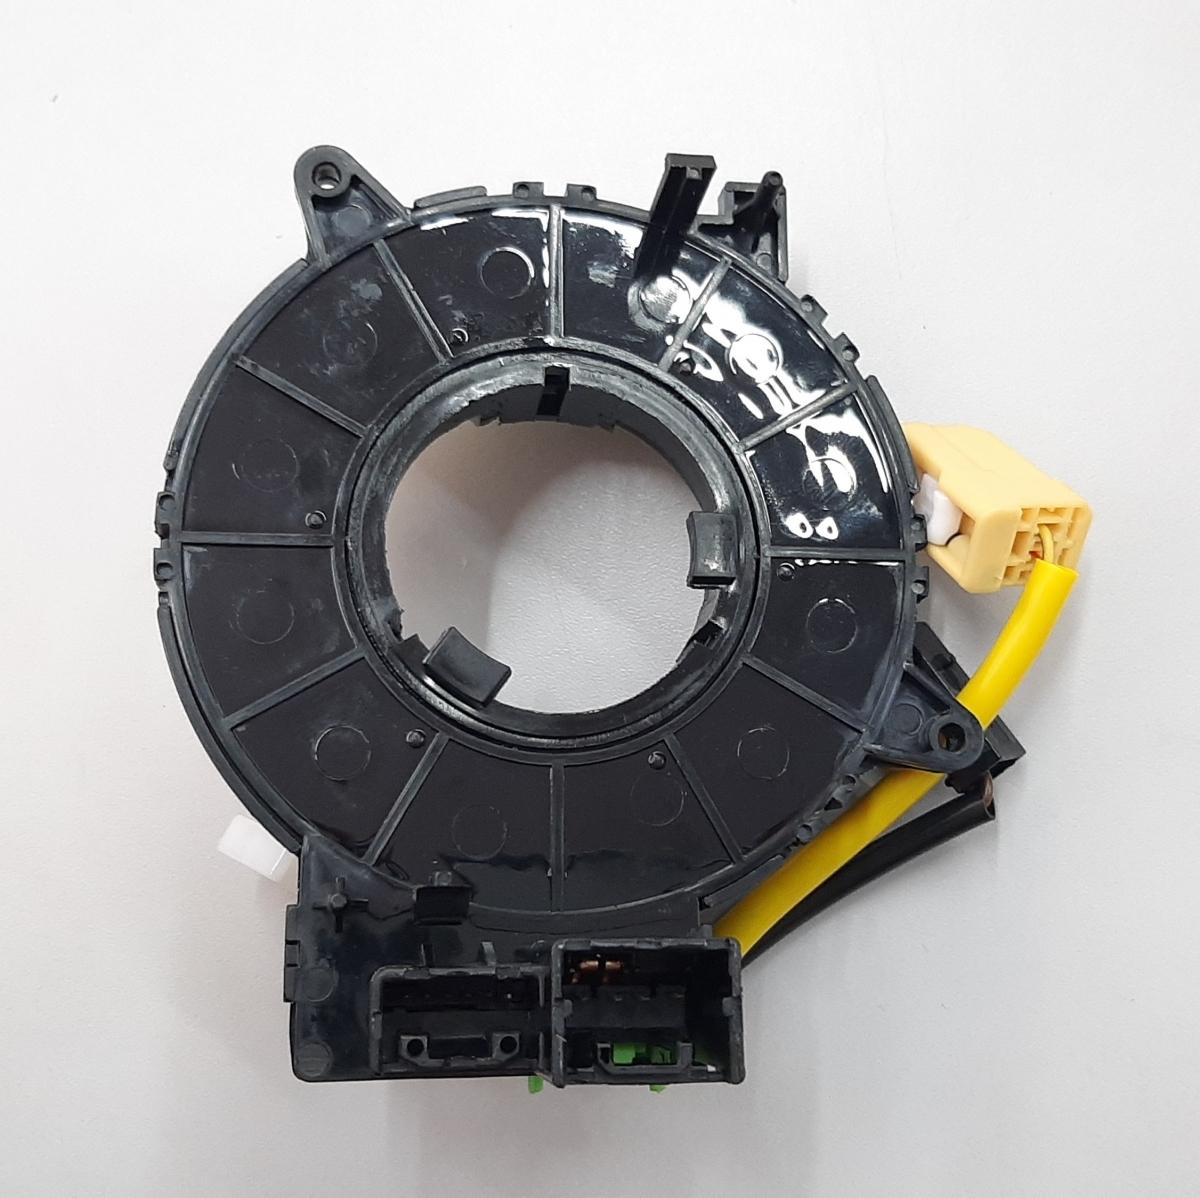 Fita Hard Disk Airbag L200_Airtrek_Lancer_Pajero - Foto 1